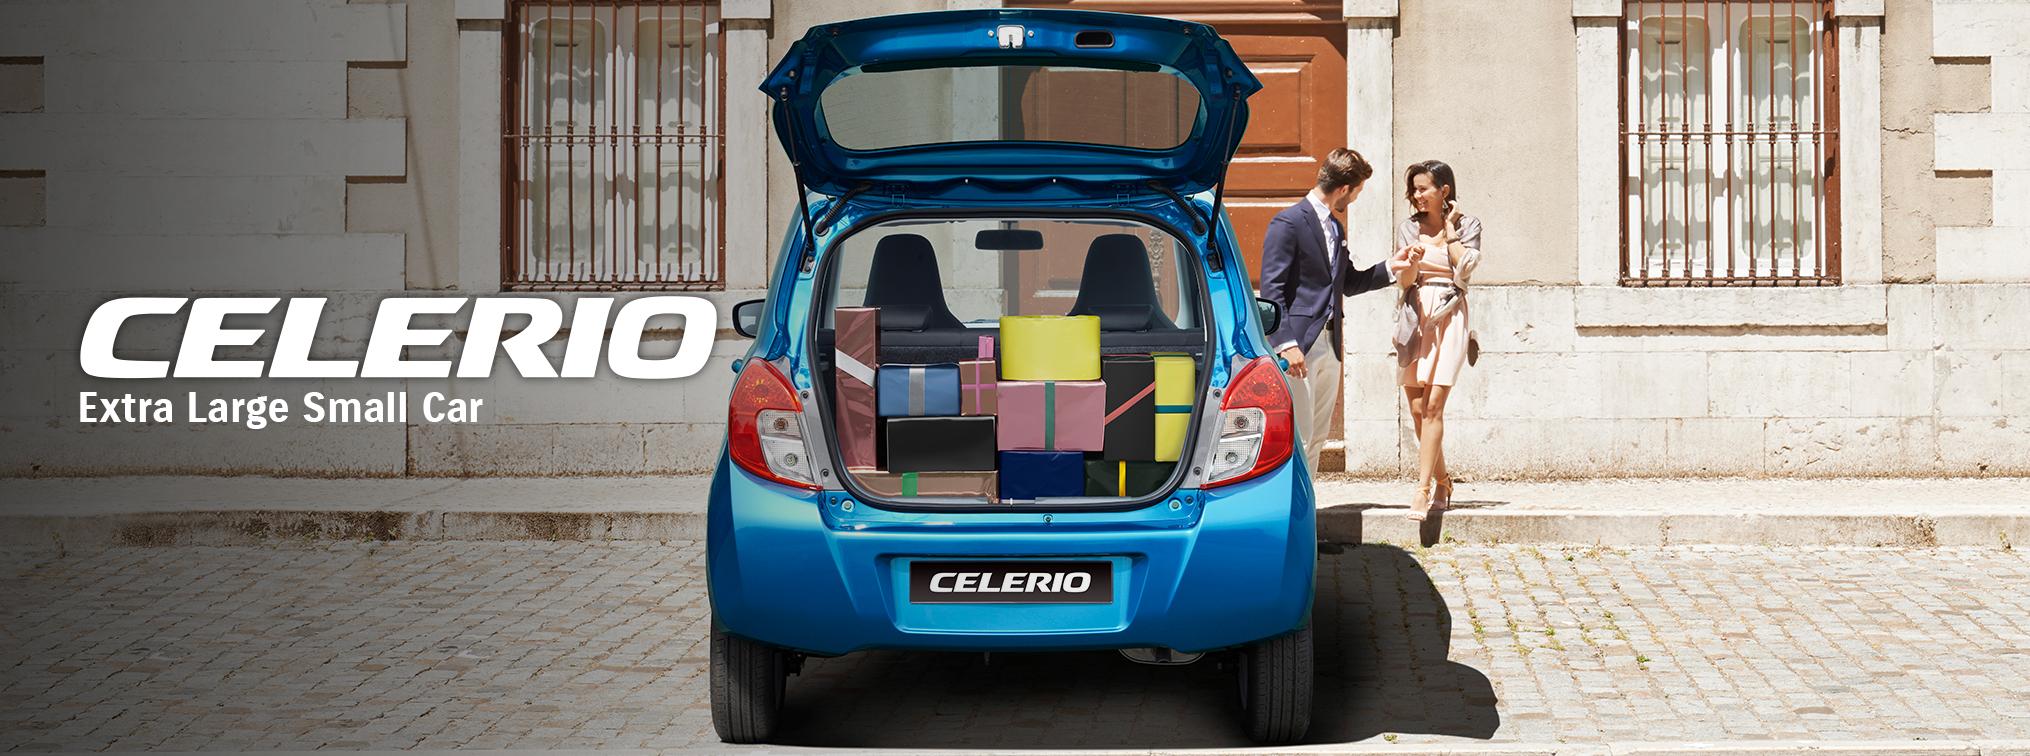 đánh giá xe suzuki celerio 6